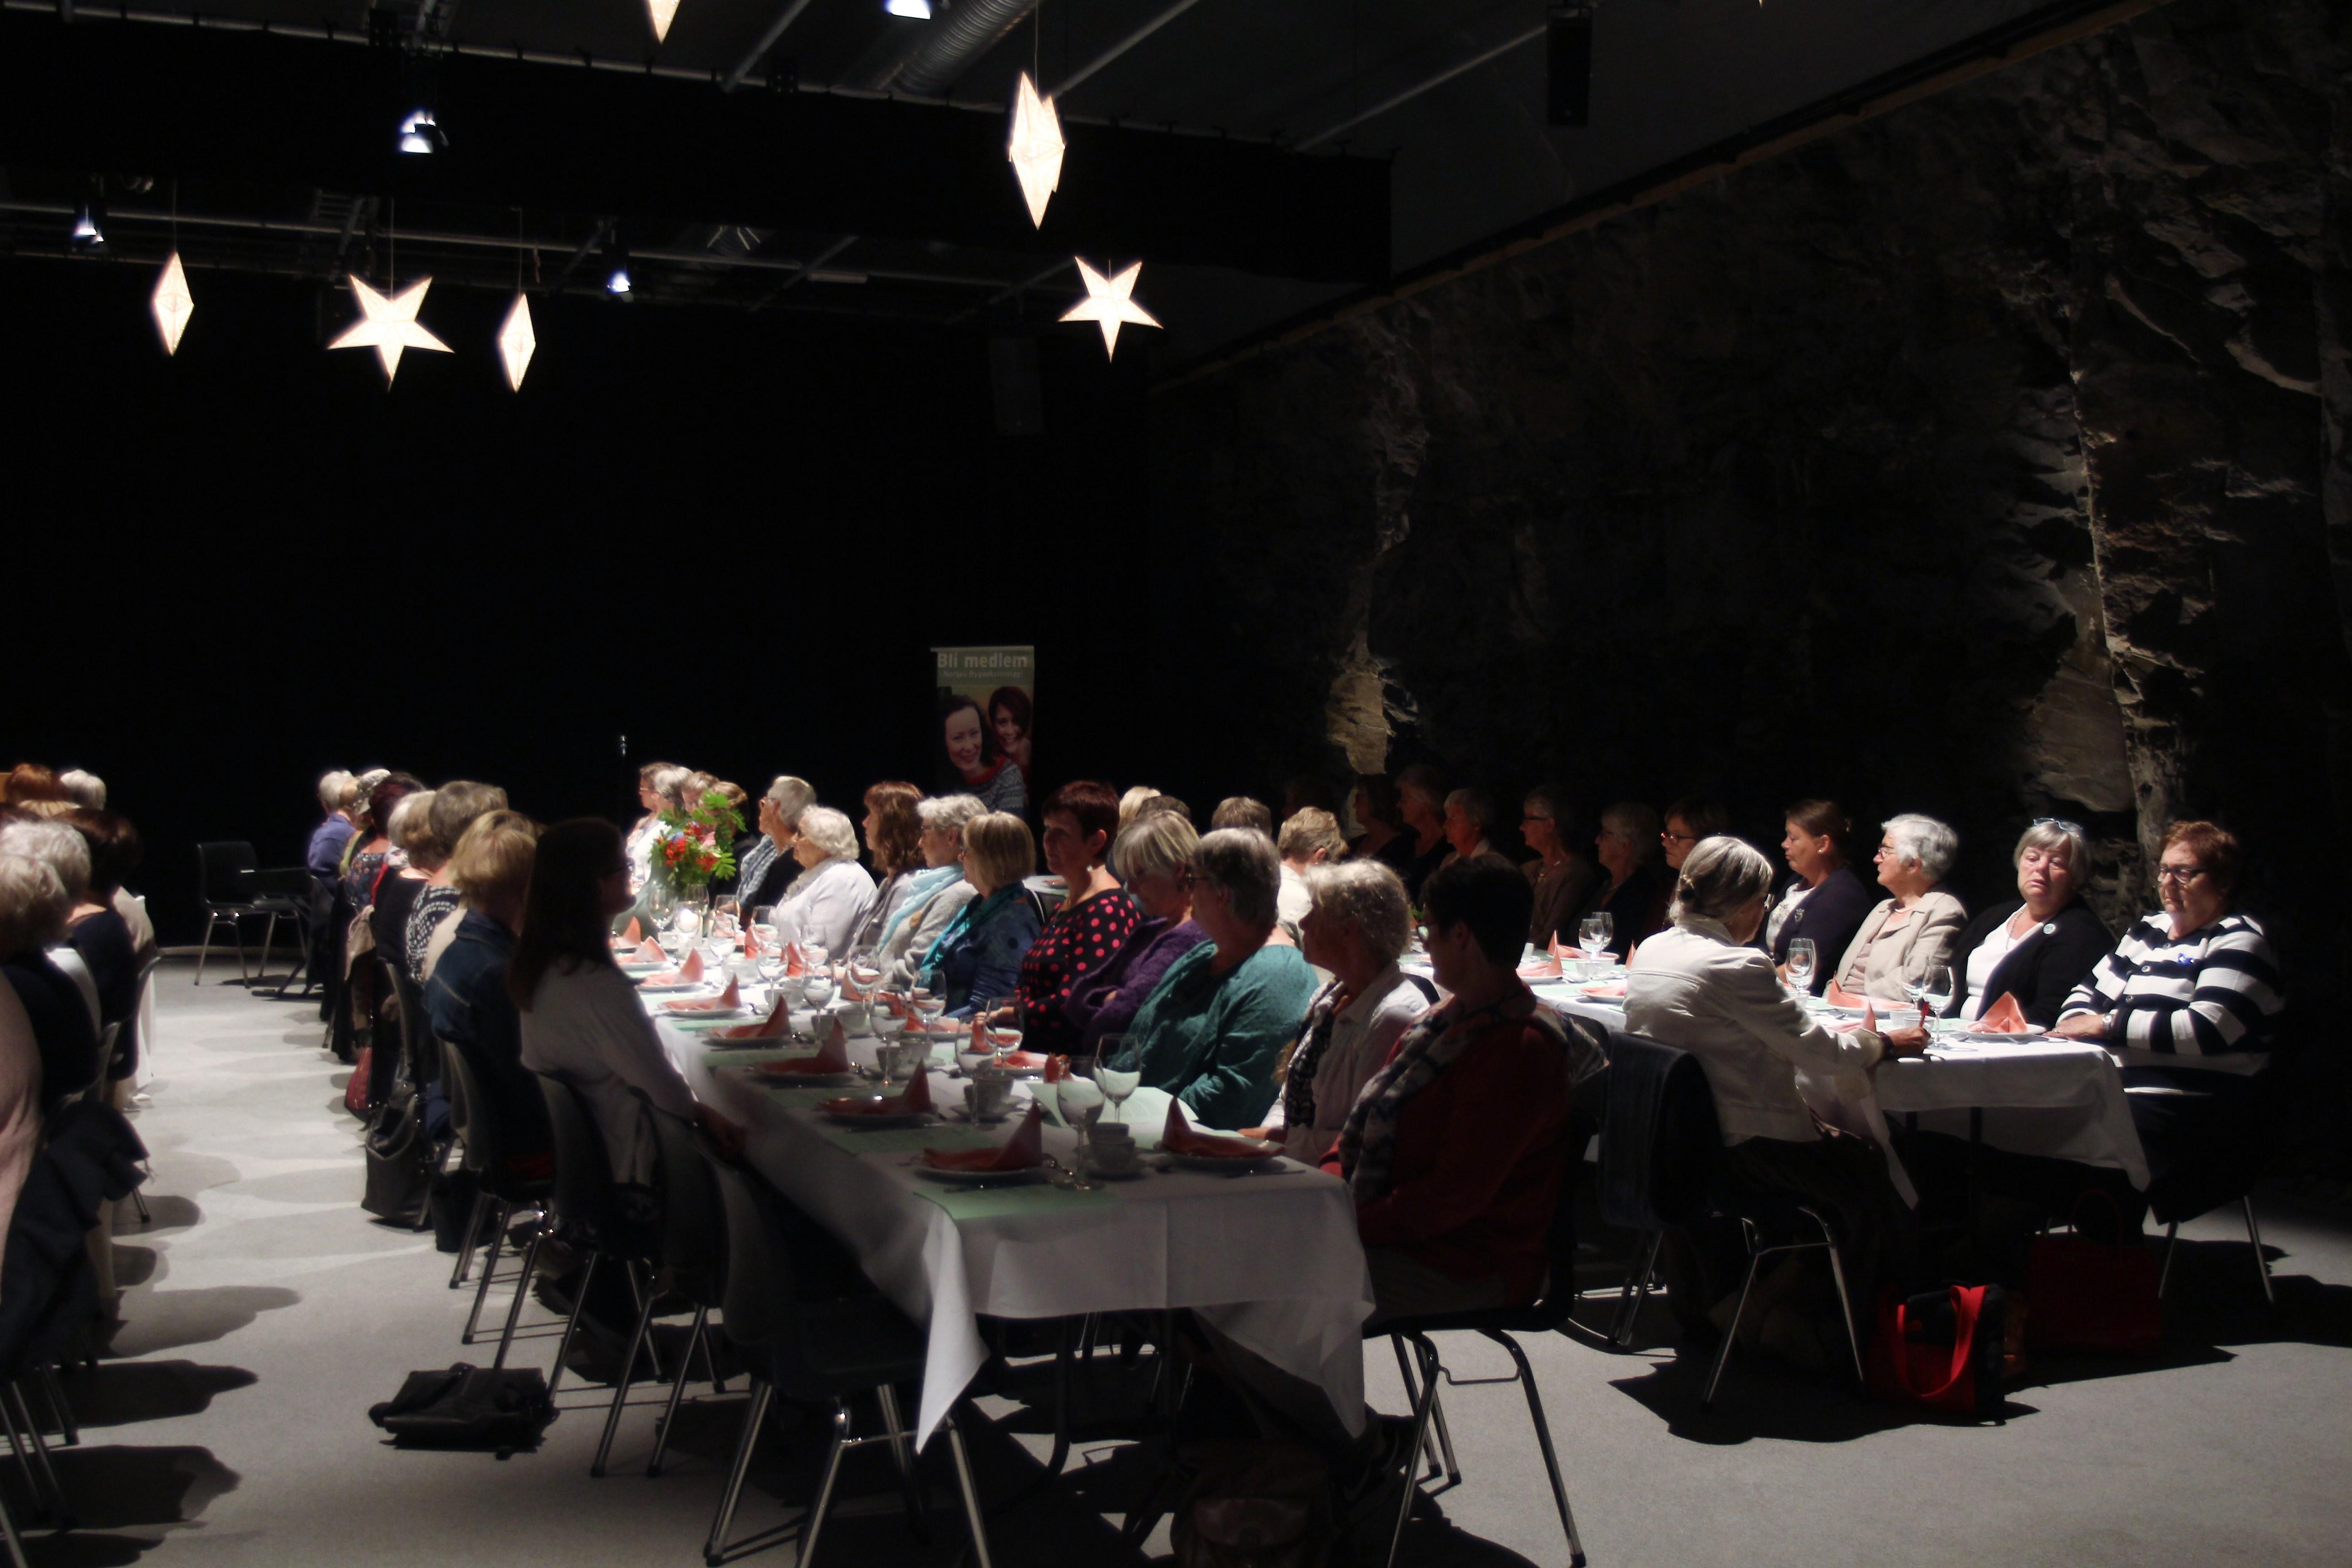 Over 70 damer på plass i Berghallen!